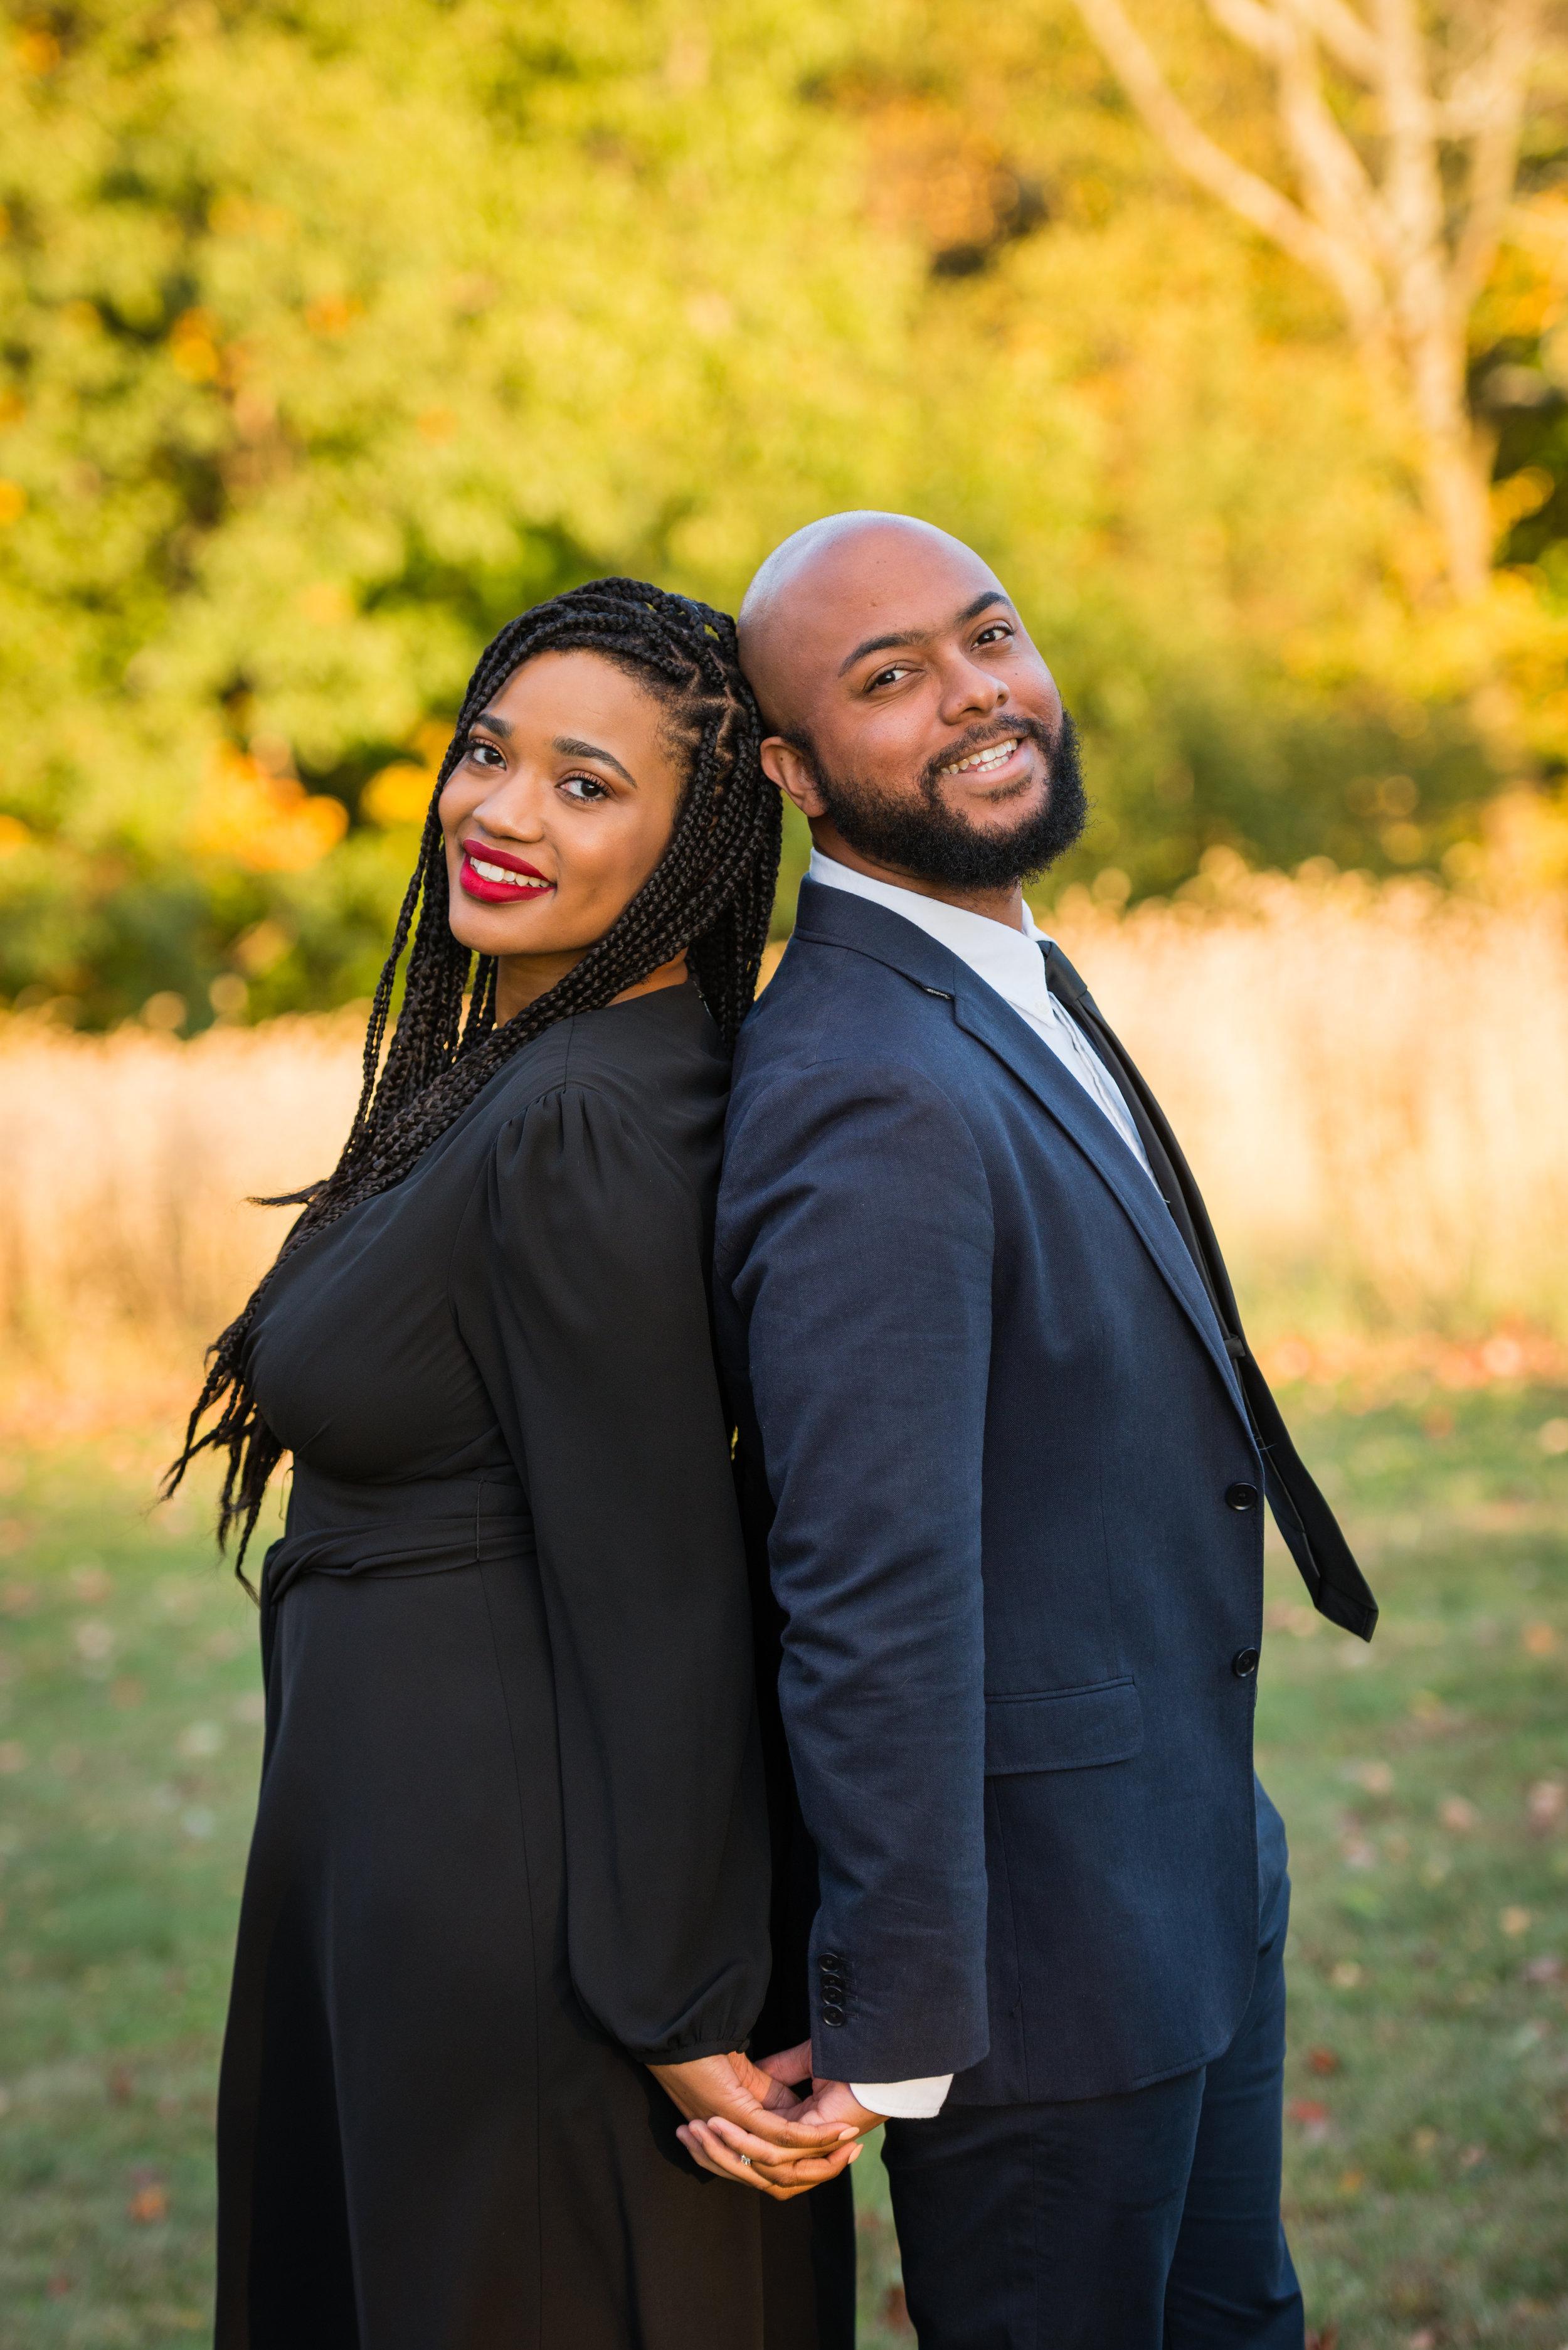 Omar-Sarah-Engagement-65.jpg